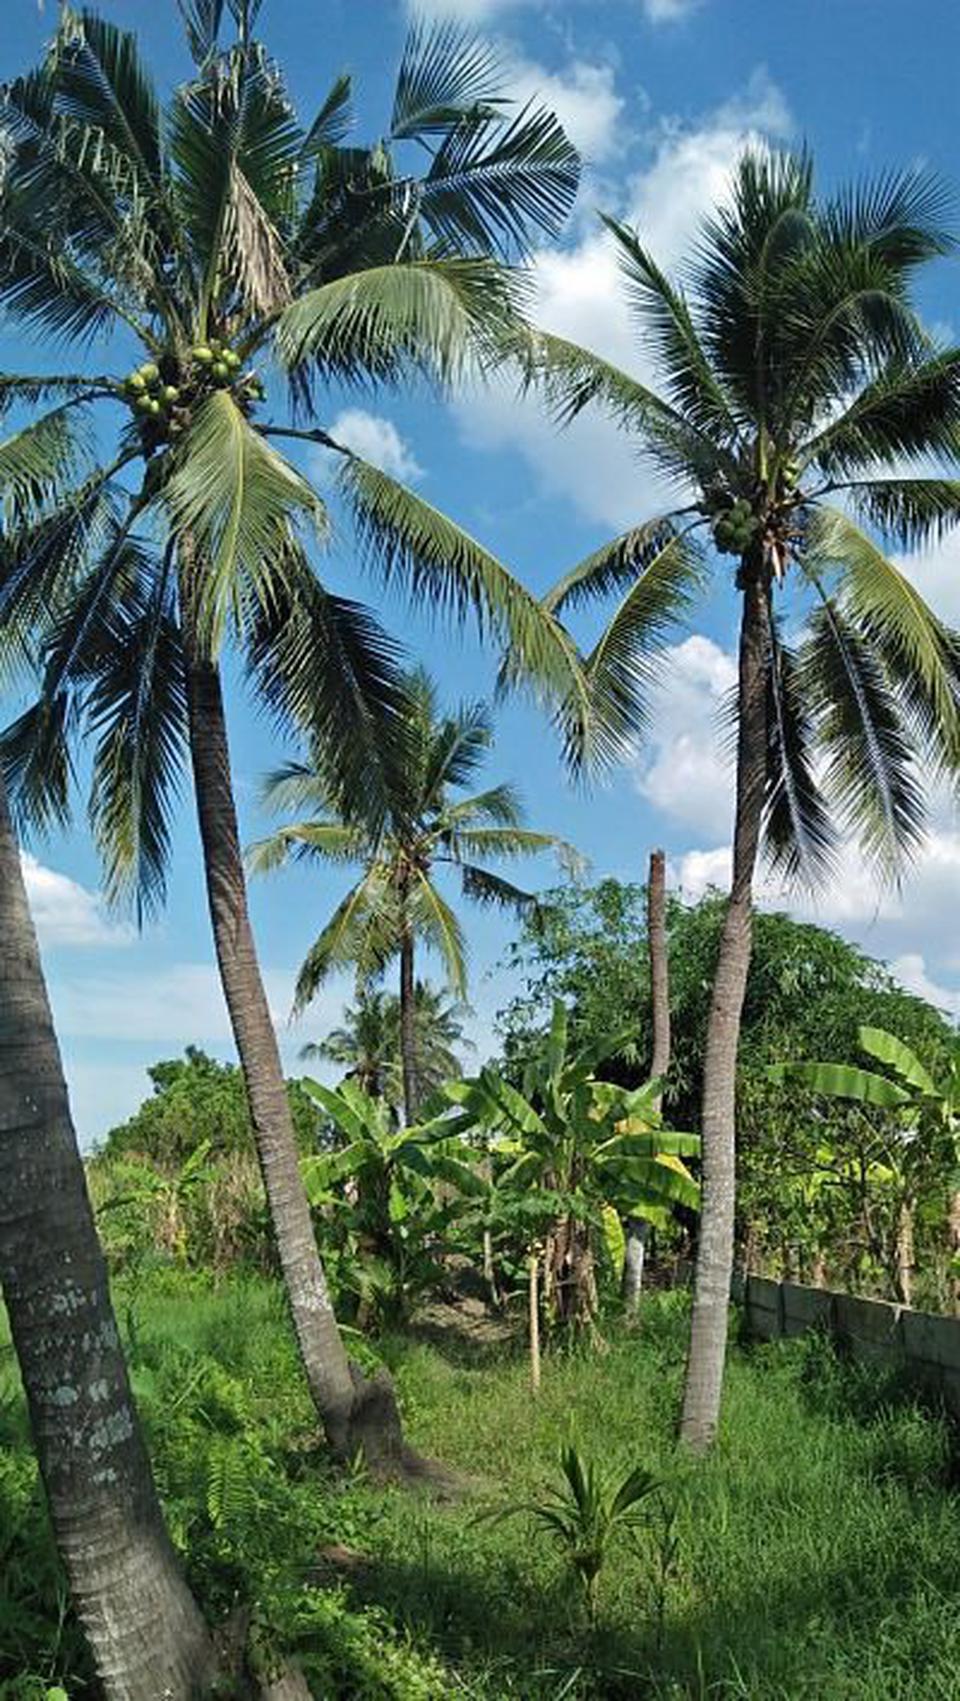 ที่ดินสวนป่าธรรมชาติติดลำคลอง ร่มรื่น บรรยากาศชานเมือง โฉนด  รูปที่ 2